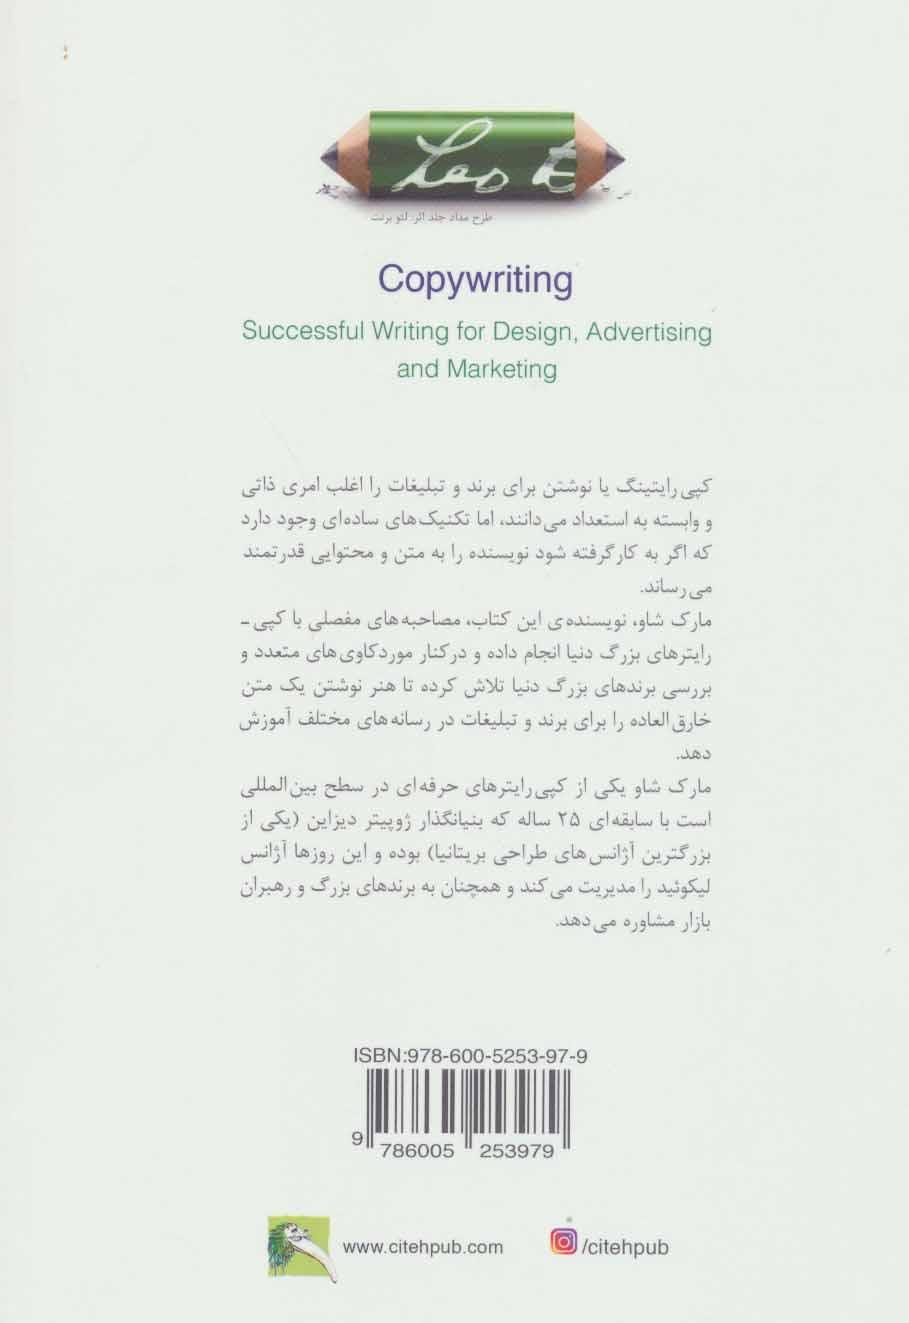 کپی رایتینگ (نوشتن موفق برای تبلیغات،برندینگ و بازاریابی)